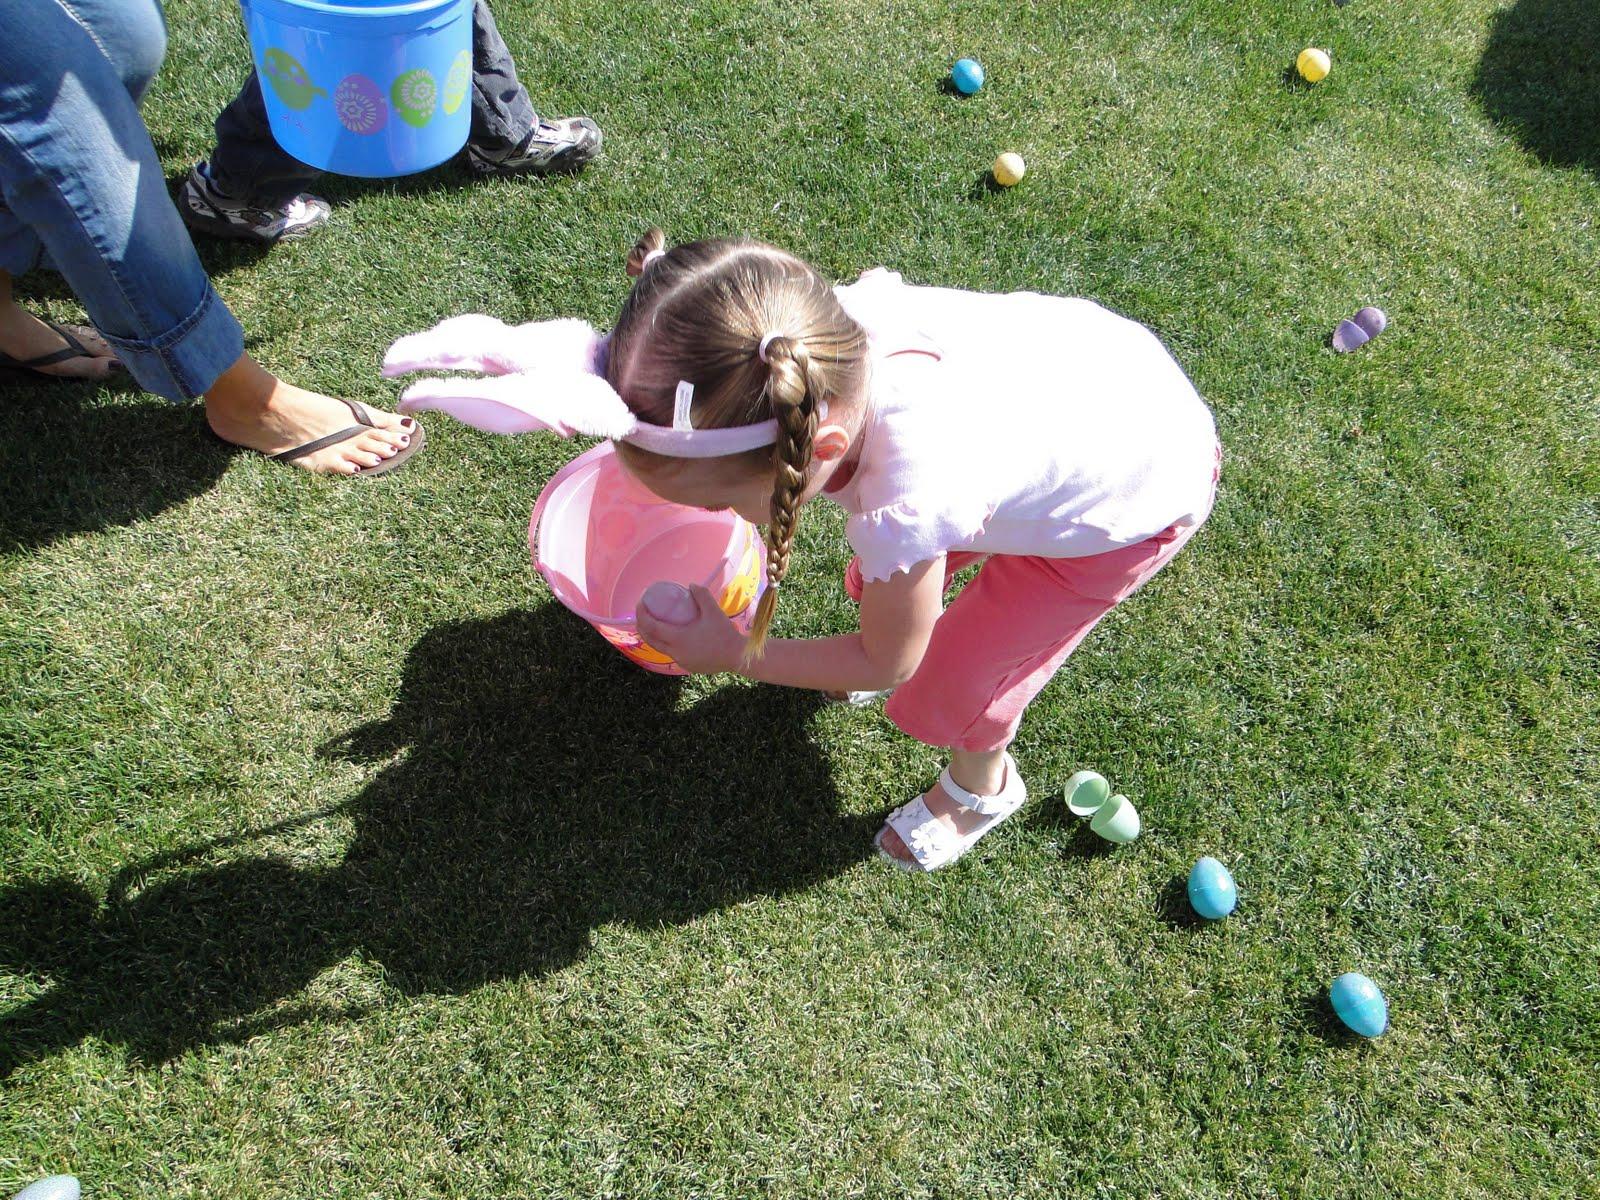 http://1.bp.blogspot.com/_yVTf5KjgRNA/S7-LK_q0YLI/AAAAAAAAC00/IAh1gW7Wo4A/s1600/Easter+A+hunt+01.JPG